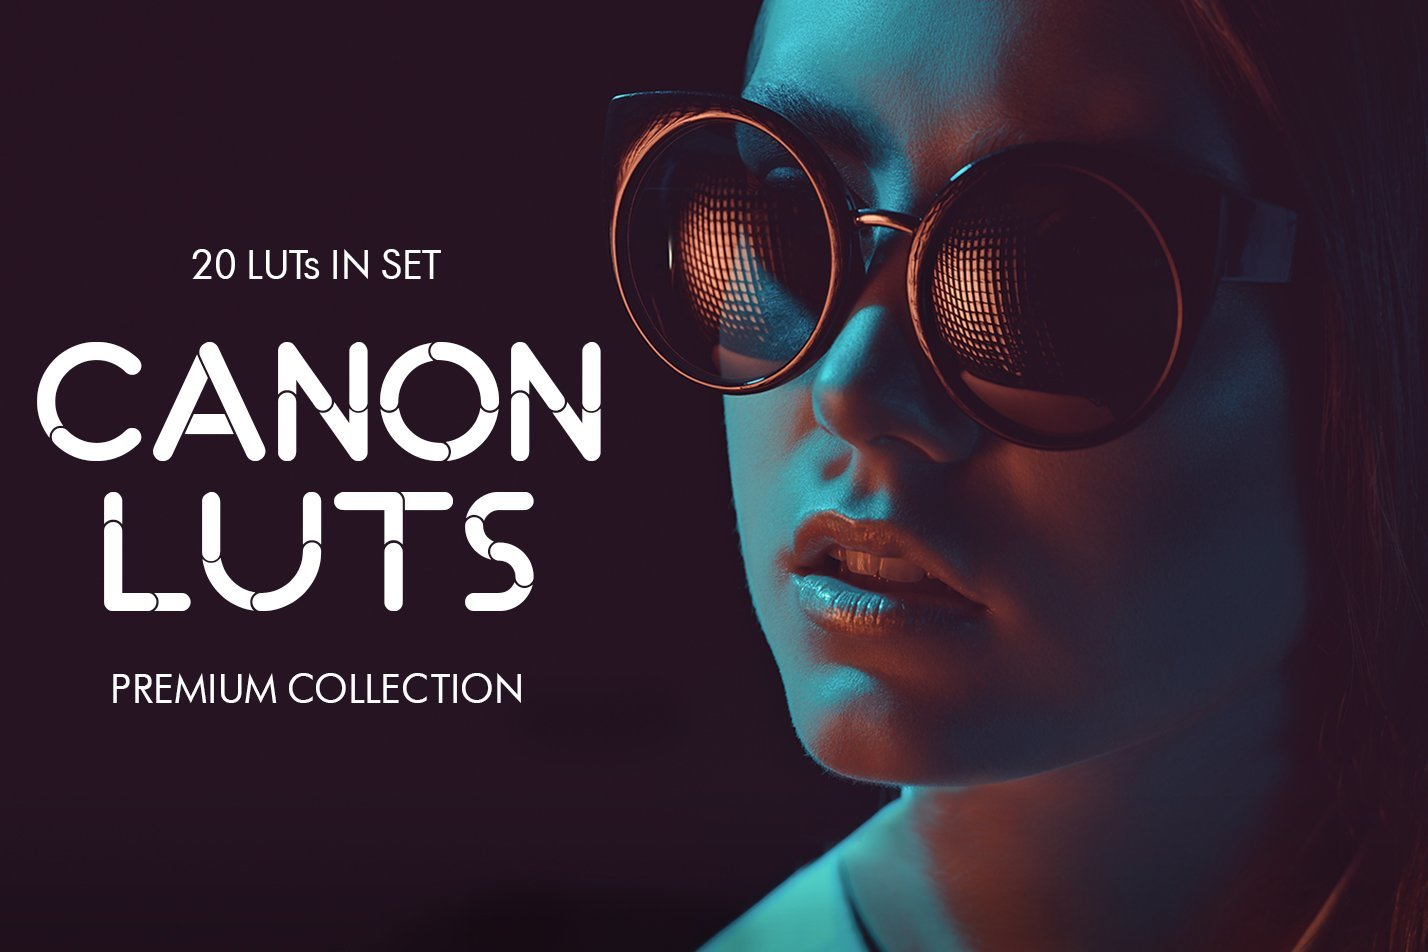 【P309】20组佳能Canon视频剪辑分级调色LUT预设  Canon video LUTs